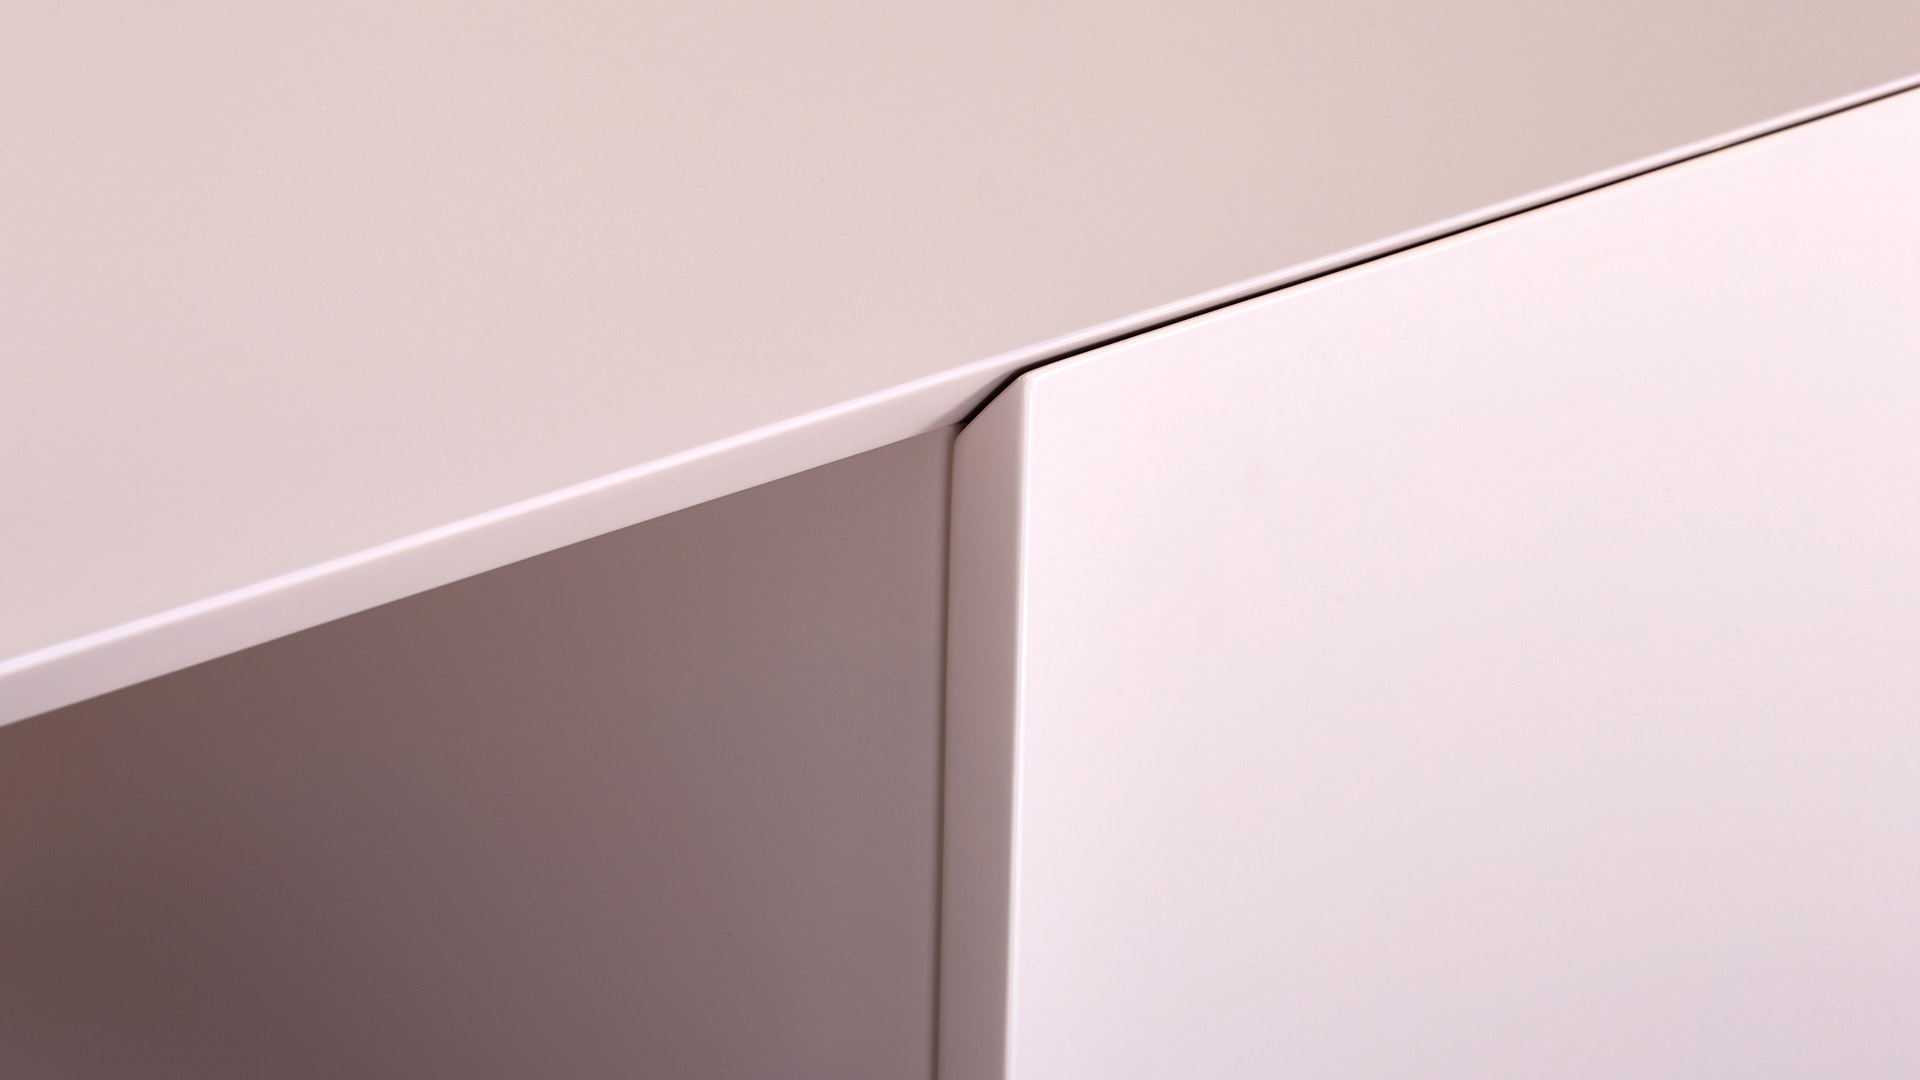 柜体边缘独特的45°精密拼角,区别于市面绝大多数的90°产品,展现细节的极致考究。整个柜体至少运用10处,再现中国最顶级加工艺术。?x-oss-process=image/format,jpg/interlace,1